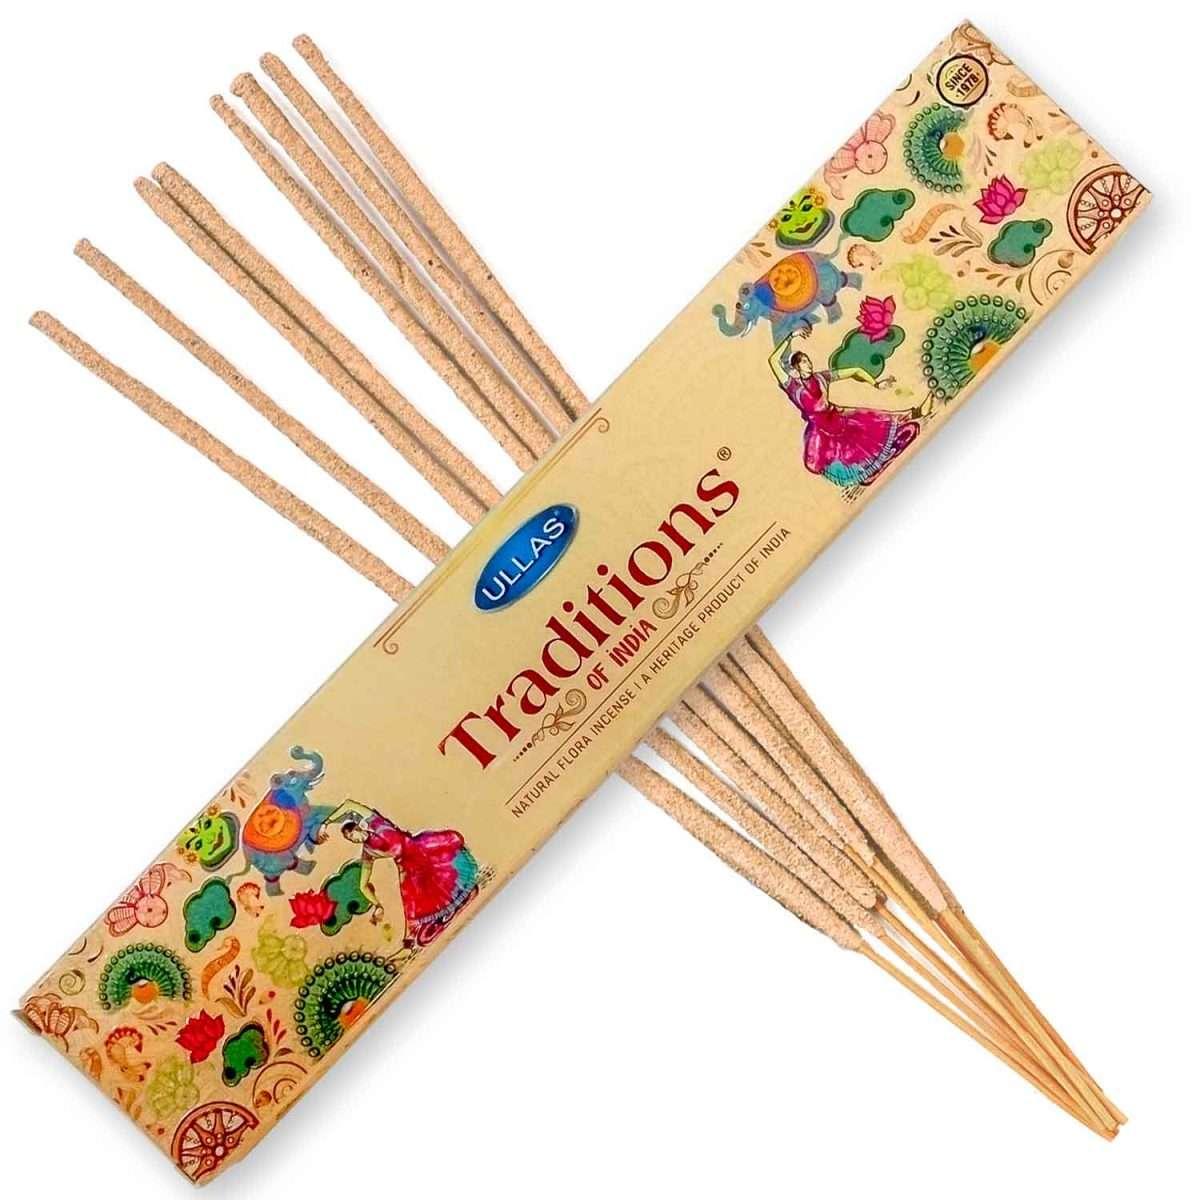 Ullas Traditions Incienso 15g